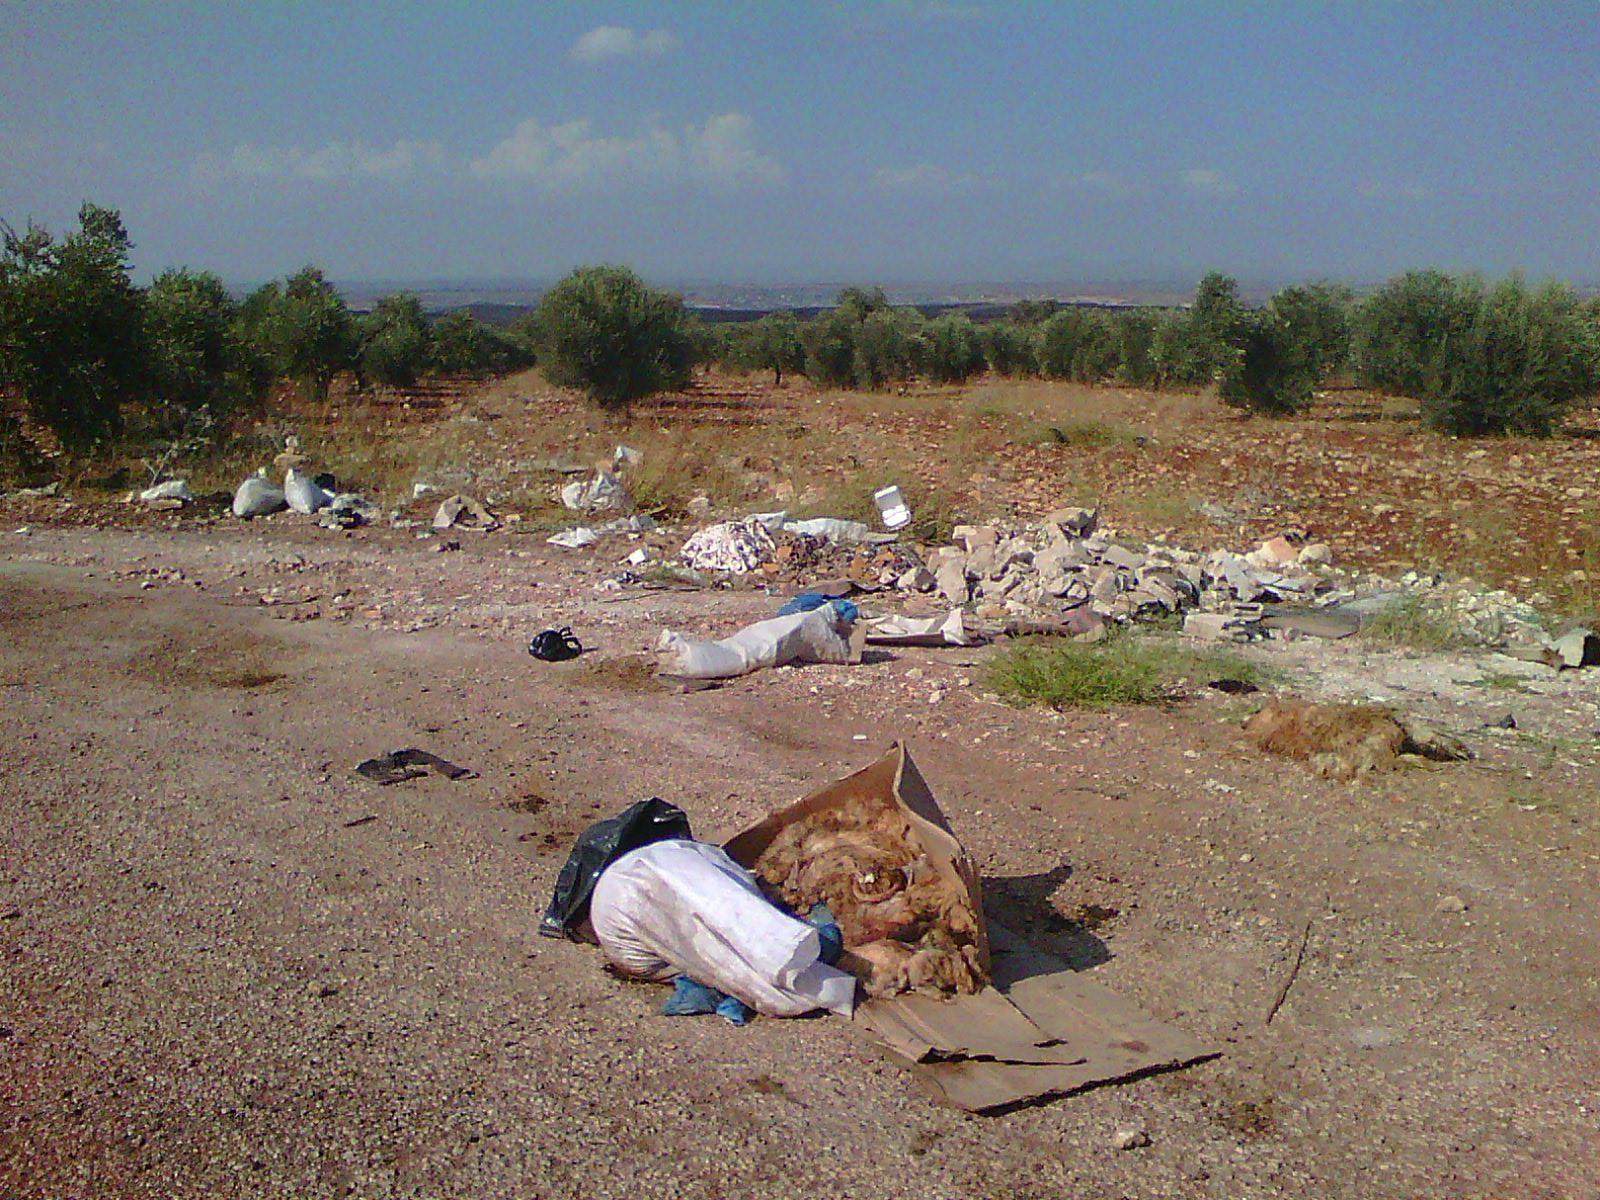 بالصور  ..  مخلفات و نفايات بوسط الشوارع في بني كنانة والبلدية غائبة